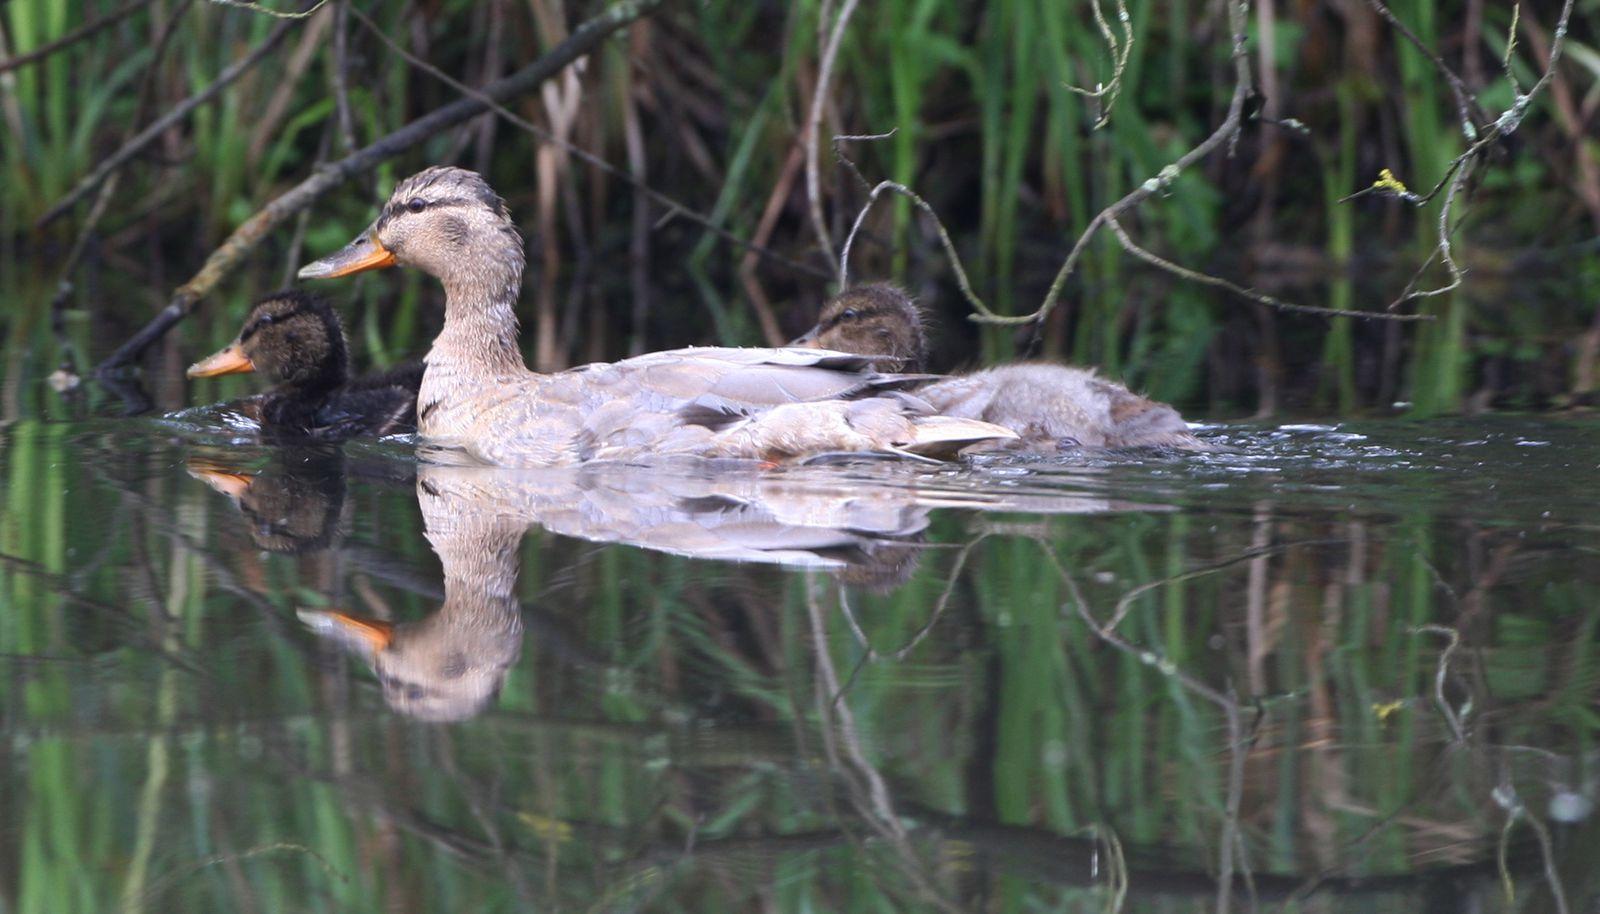 Canard et canetons photo d'oiseaux de Picardie Somme Benoit Henrion